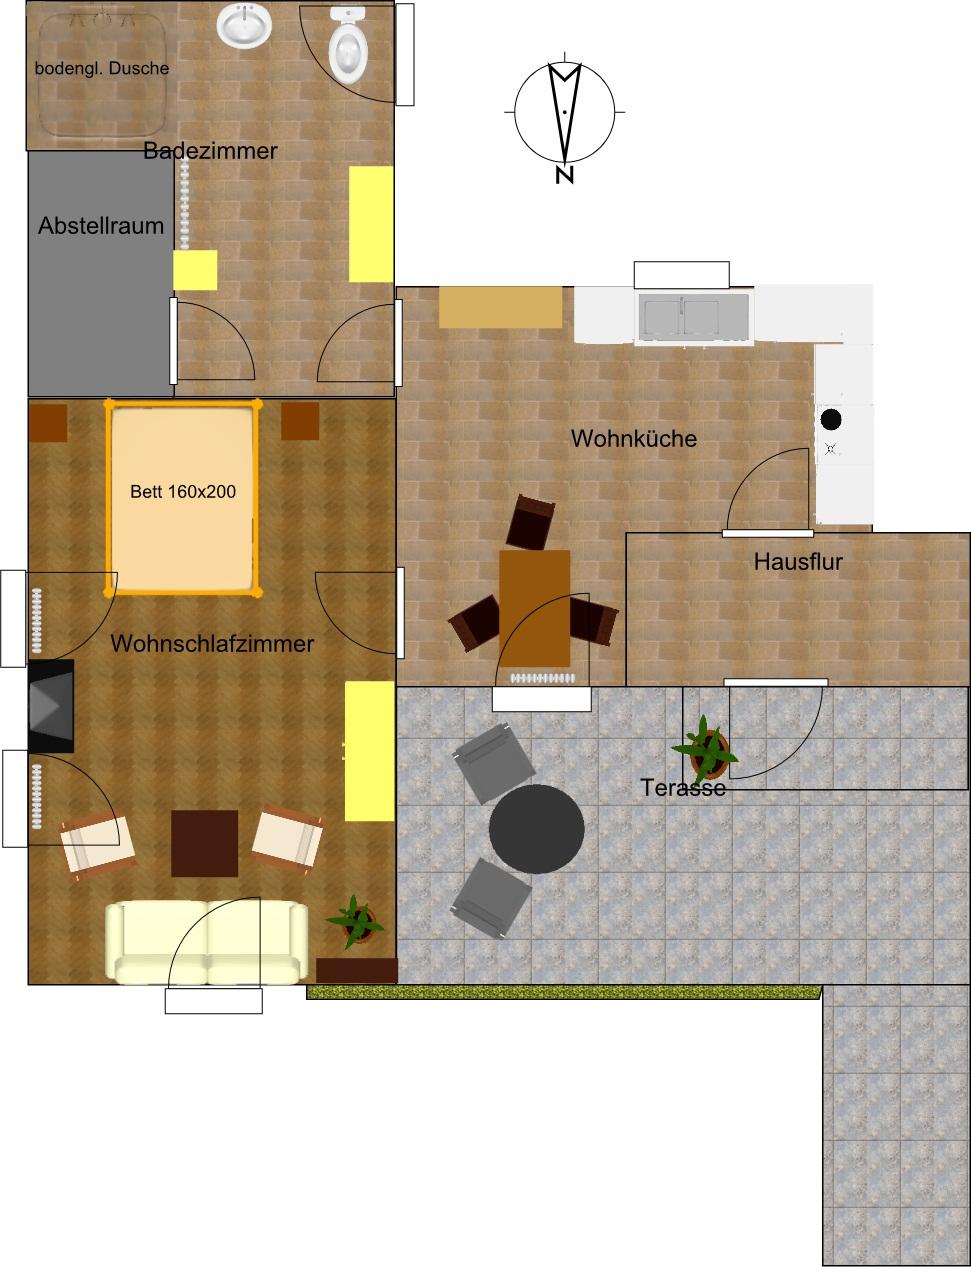 Ferienwohnung Hesselstudio, (Warendorf-Milte). Appartement, 42 qm , 1-3 Pers. (1061623), Warendorf, Münsterland, Nordrhein-Westfalen, Deutschland, Bild 6